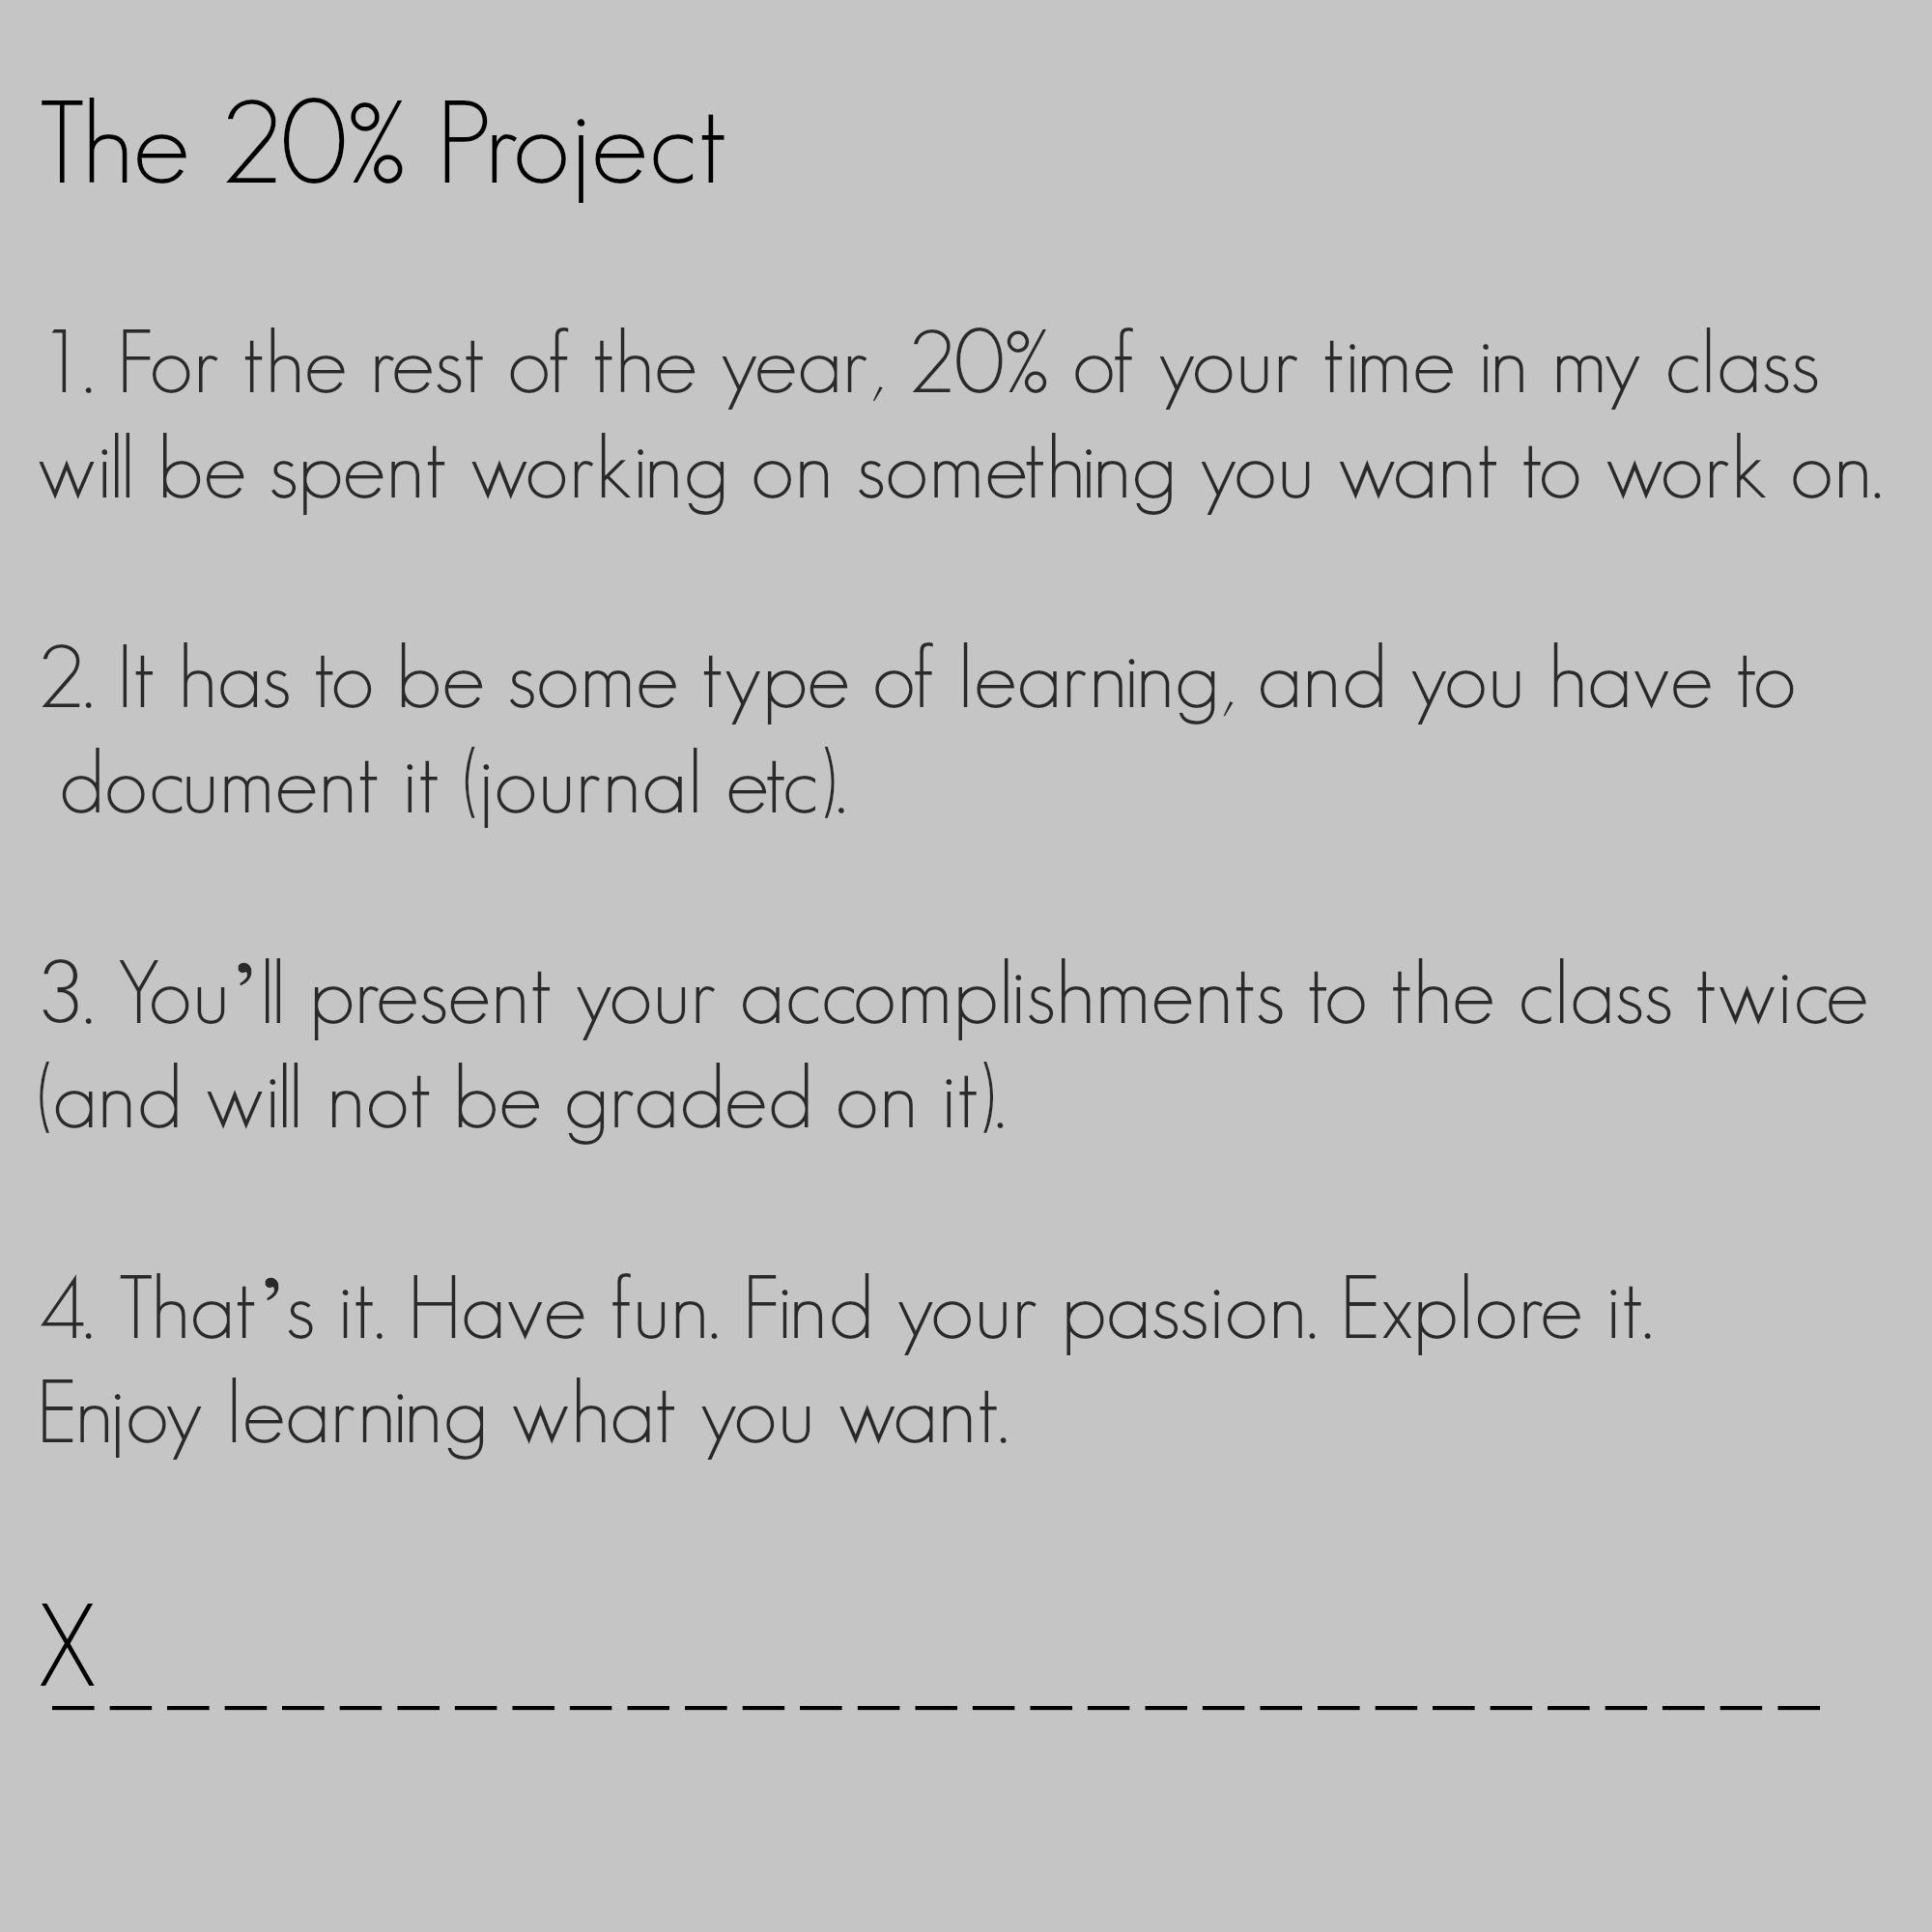 20 project teachmama.com